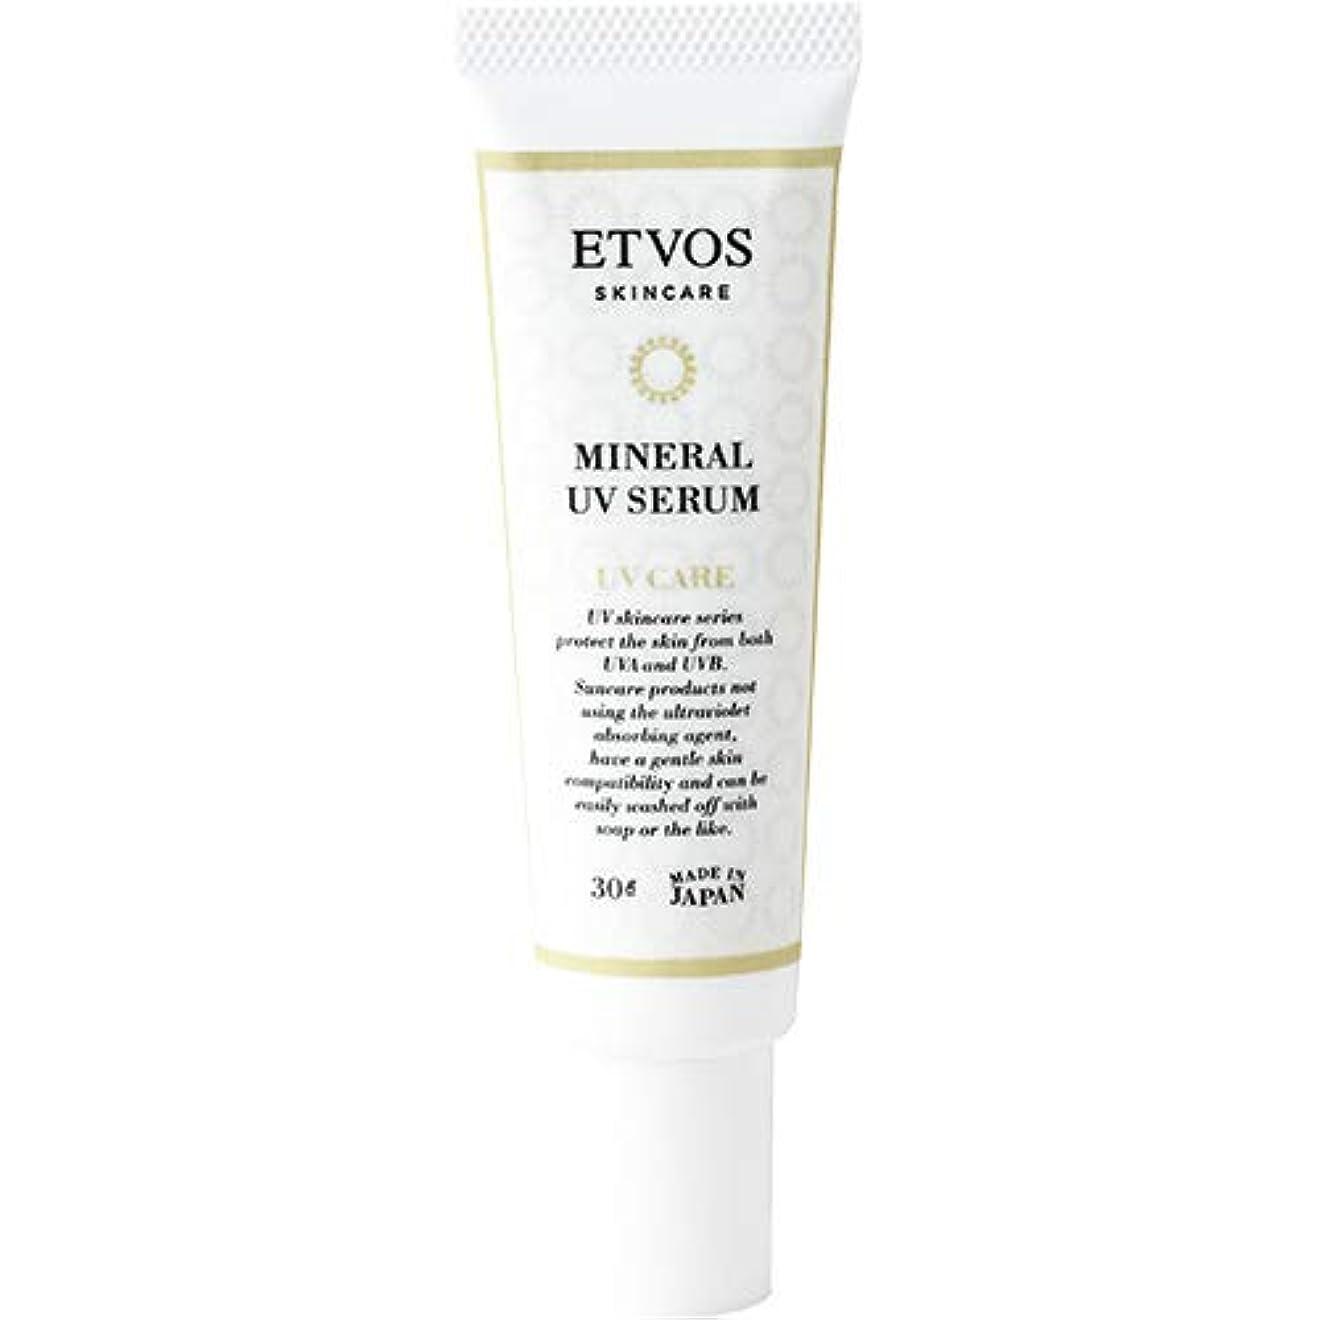 産地基礎理論悲しみETVOS(エトヴォス) 日焼け止め美容液 ミネラルUVセラム SPF35/PA+++ 30g 化粧下地 紫外線吸収剤不使用